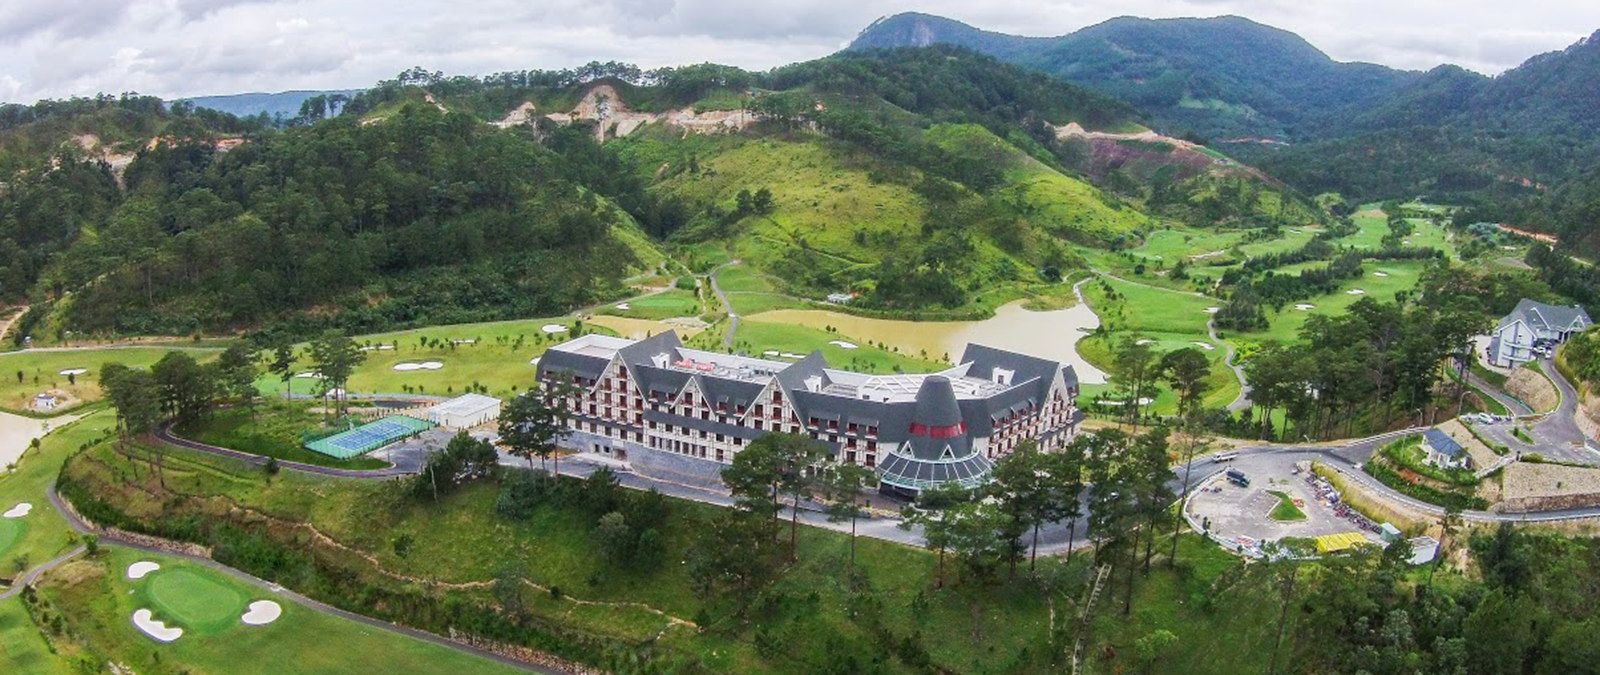 ĐHĐCĐ SAM Holdings: Mục tiêu thâu tóm trọn Capella Quảng Nam, đặt kế hoạch lợi nhuận năm 2020 đi lùi - Ảnh 4.